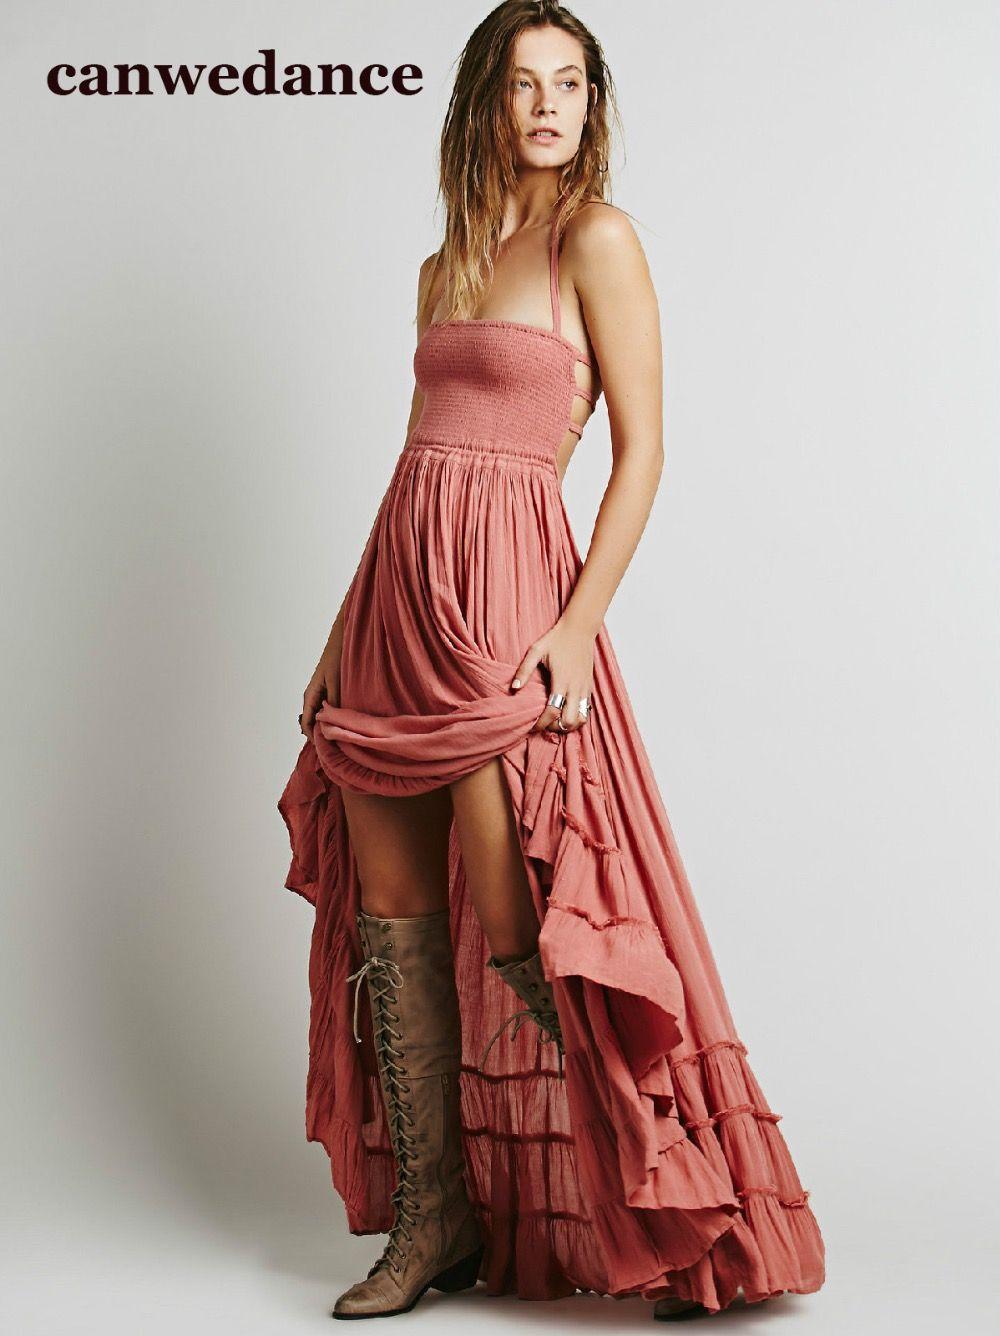 2018 Plage robe sexy robes boho bohème personnes Vacances d'été longue dos nu coton femmes partie hippie chic robes mujer